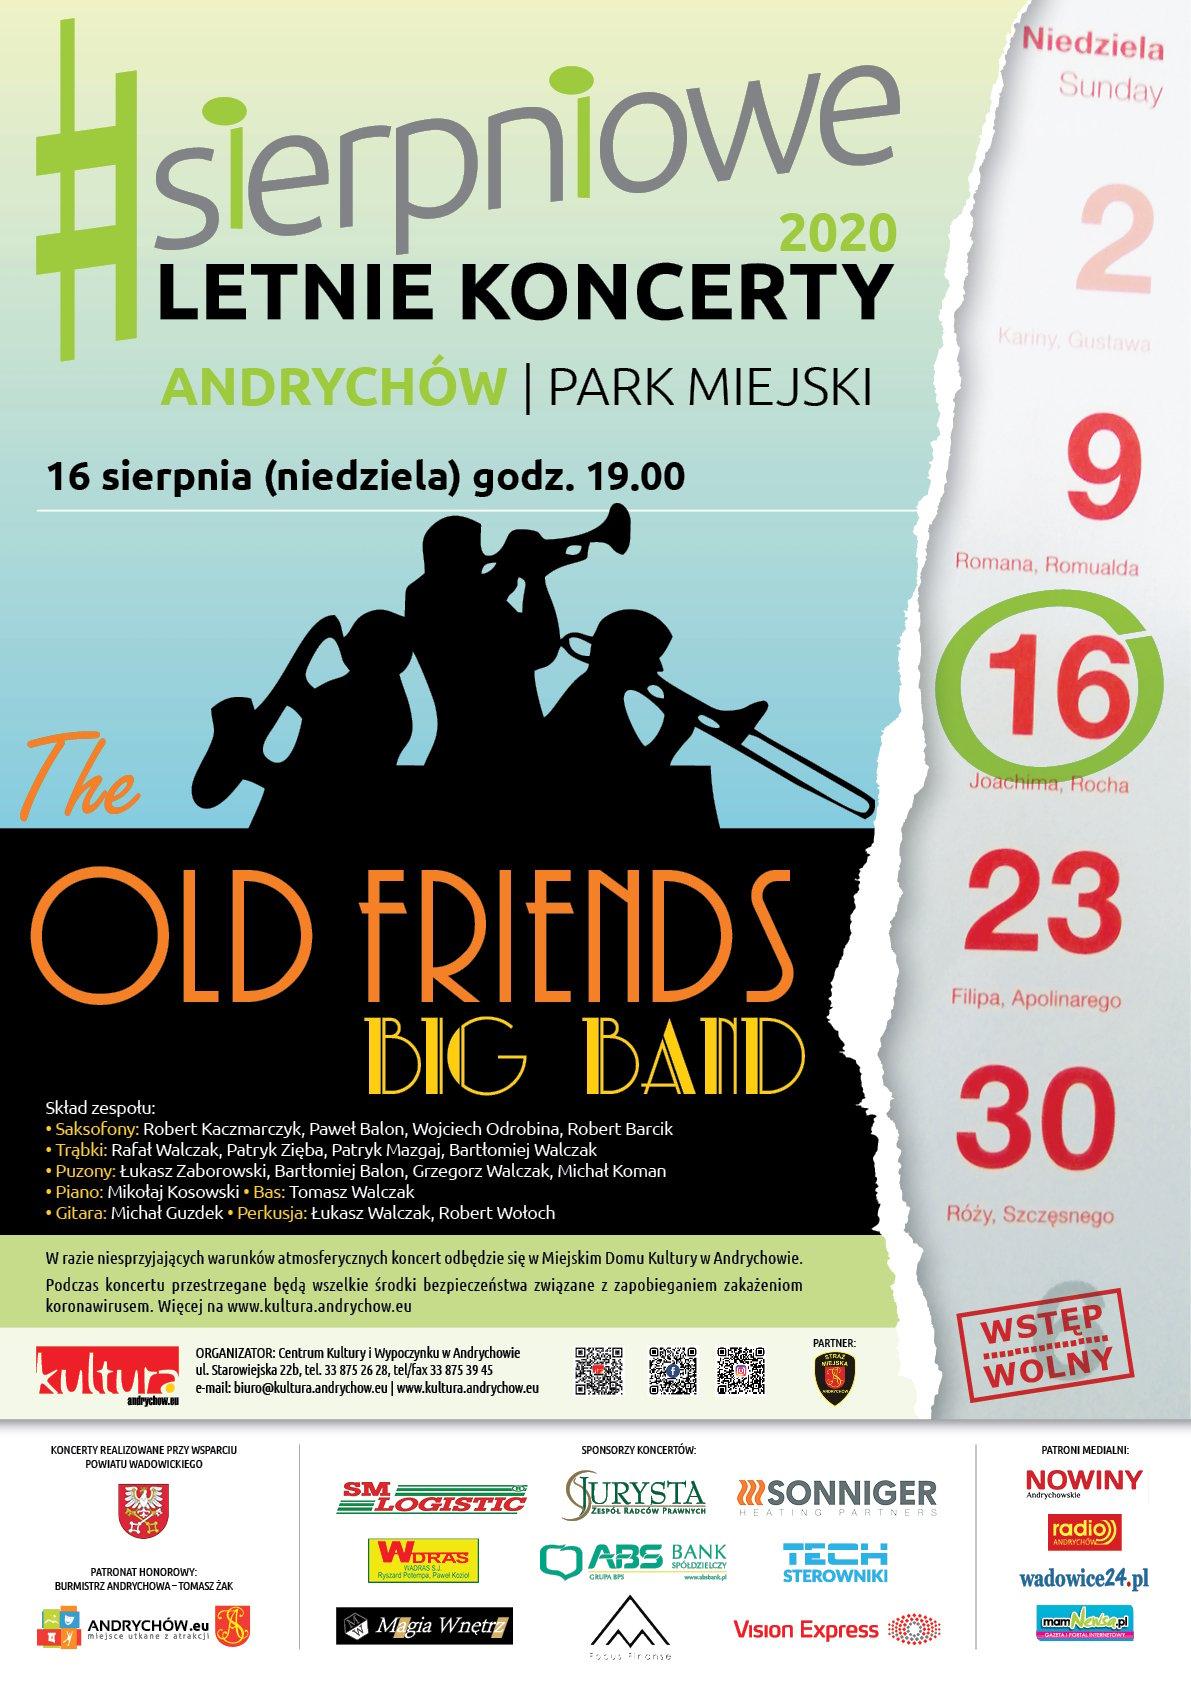 W niedzielę kolejny sierpniowy koncert w parku